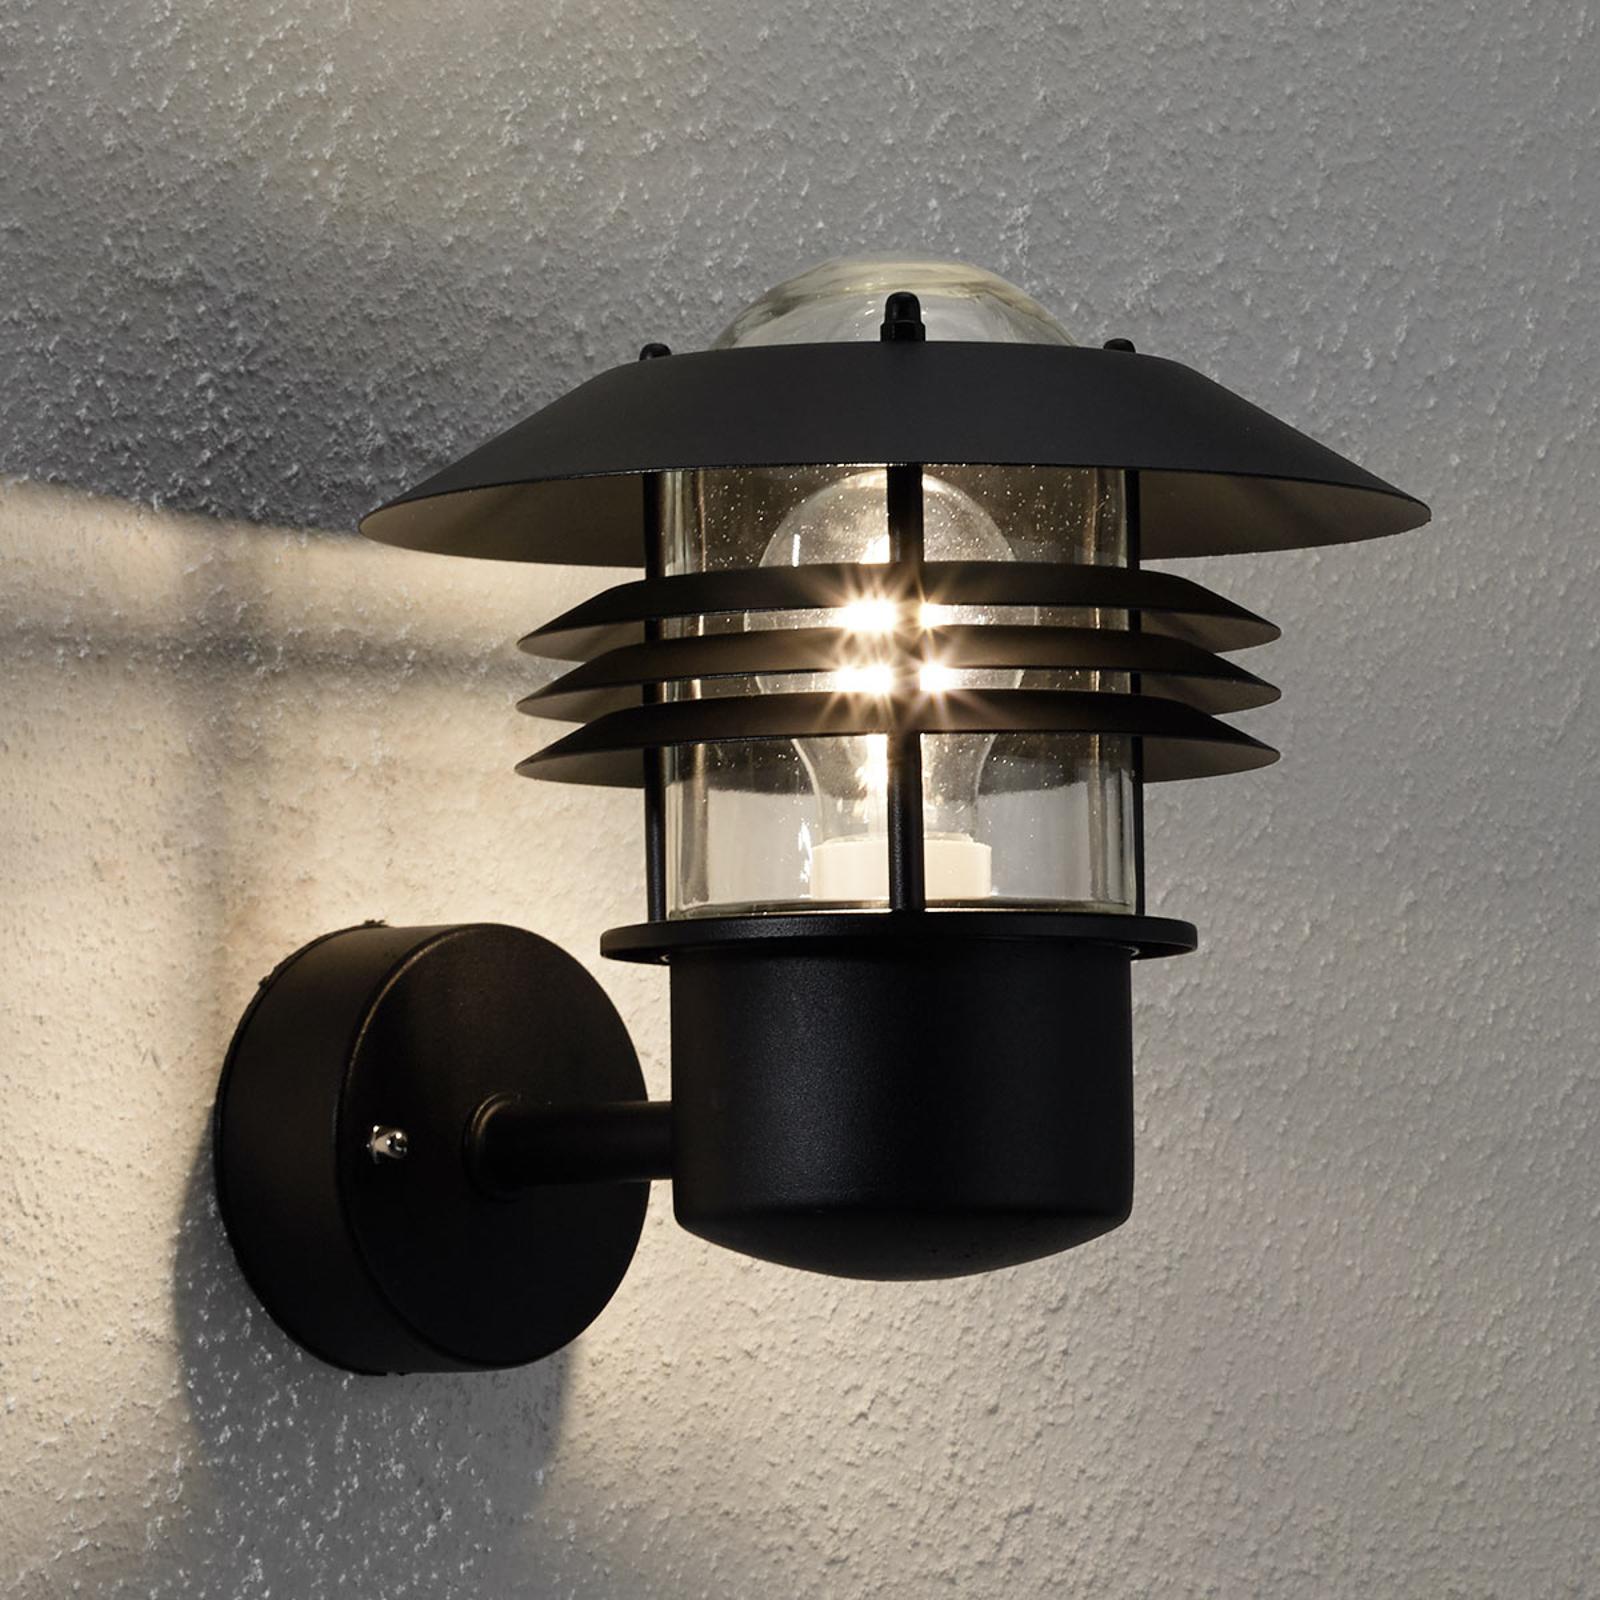 Efektowna zewnętrzna lampa ścienna Vejers czarna